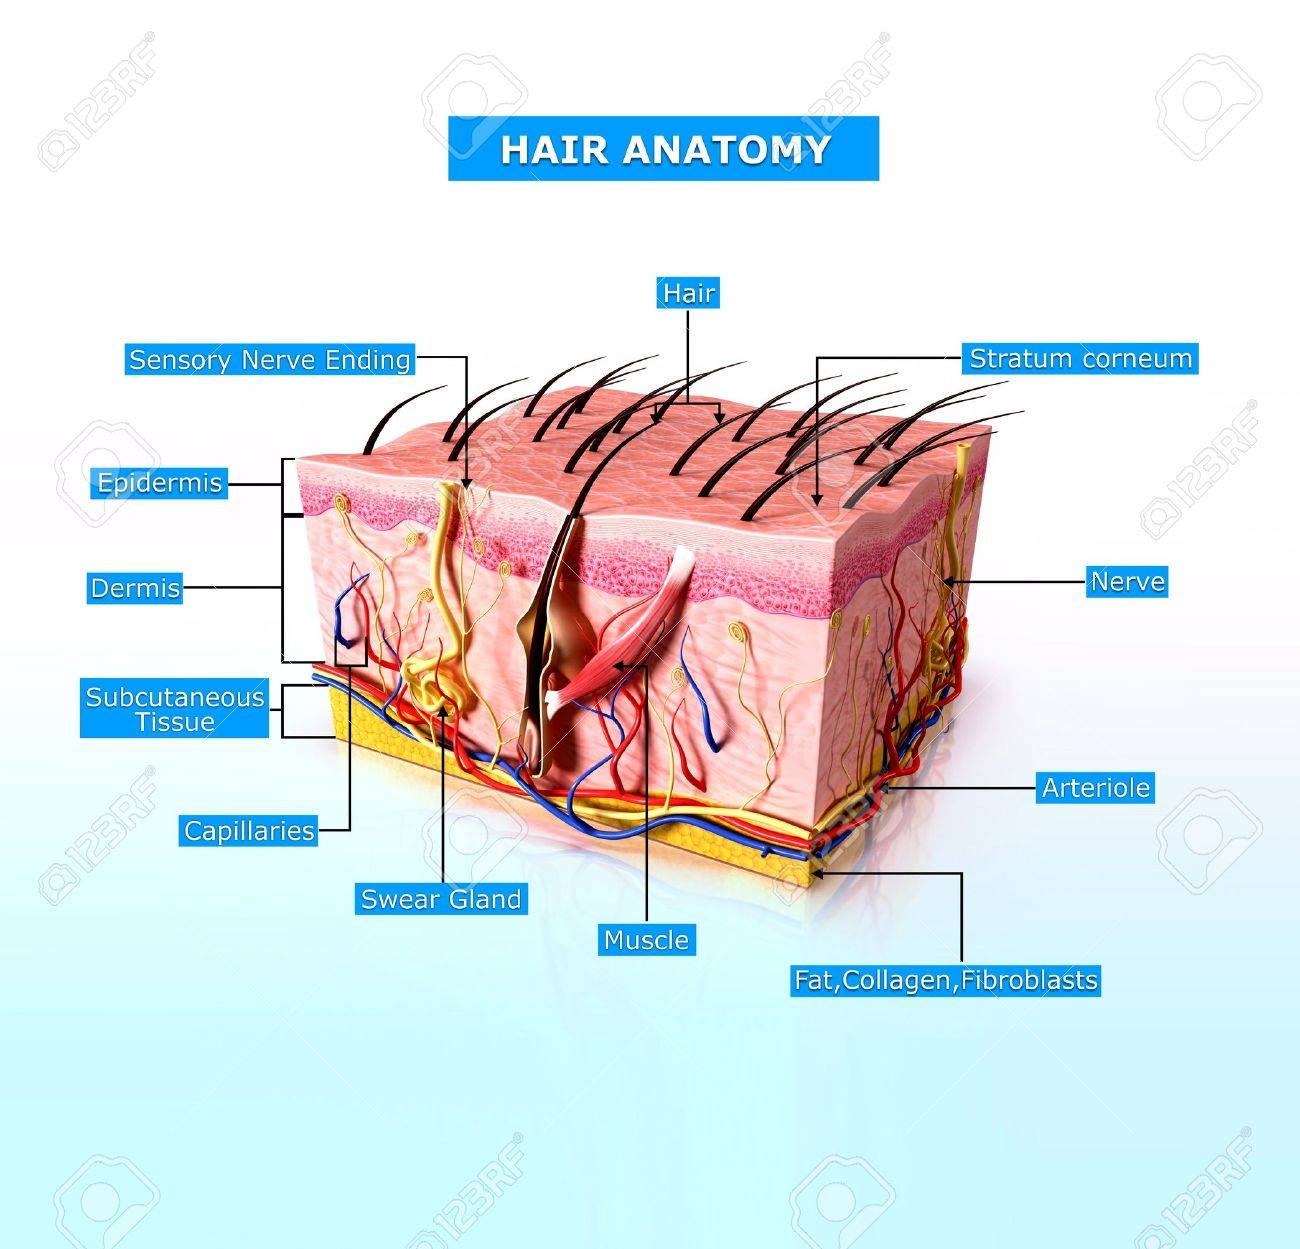 Atractivo Diagrama De La Anatomía De Pelo Adorno - Imágenes de ...